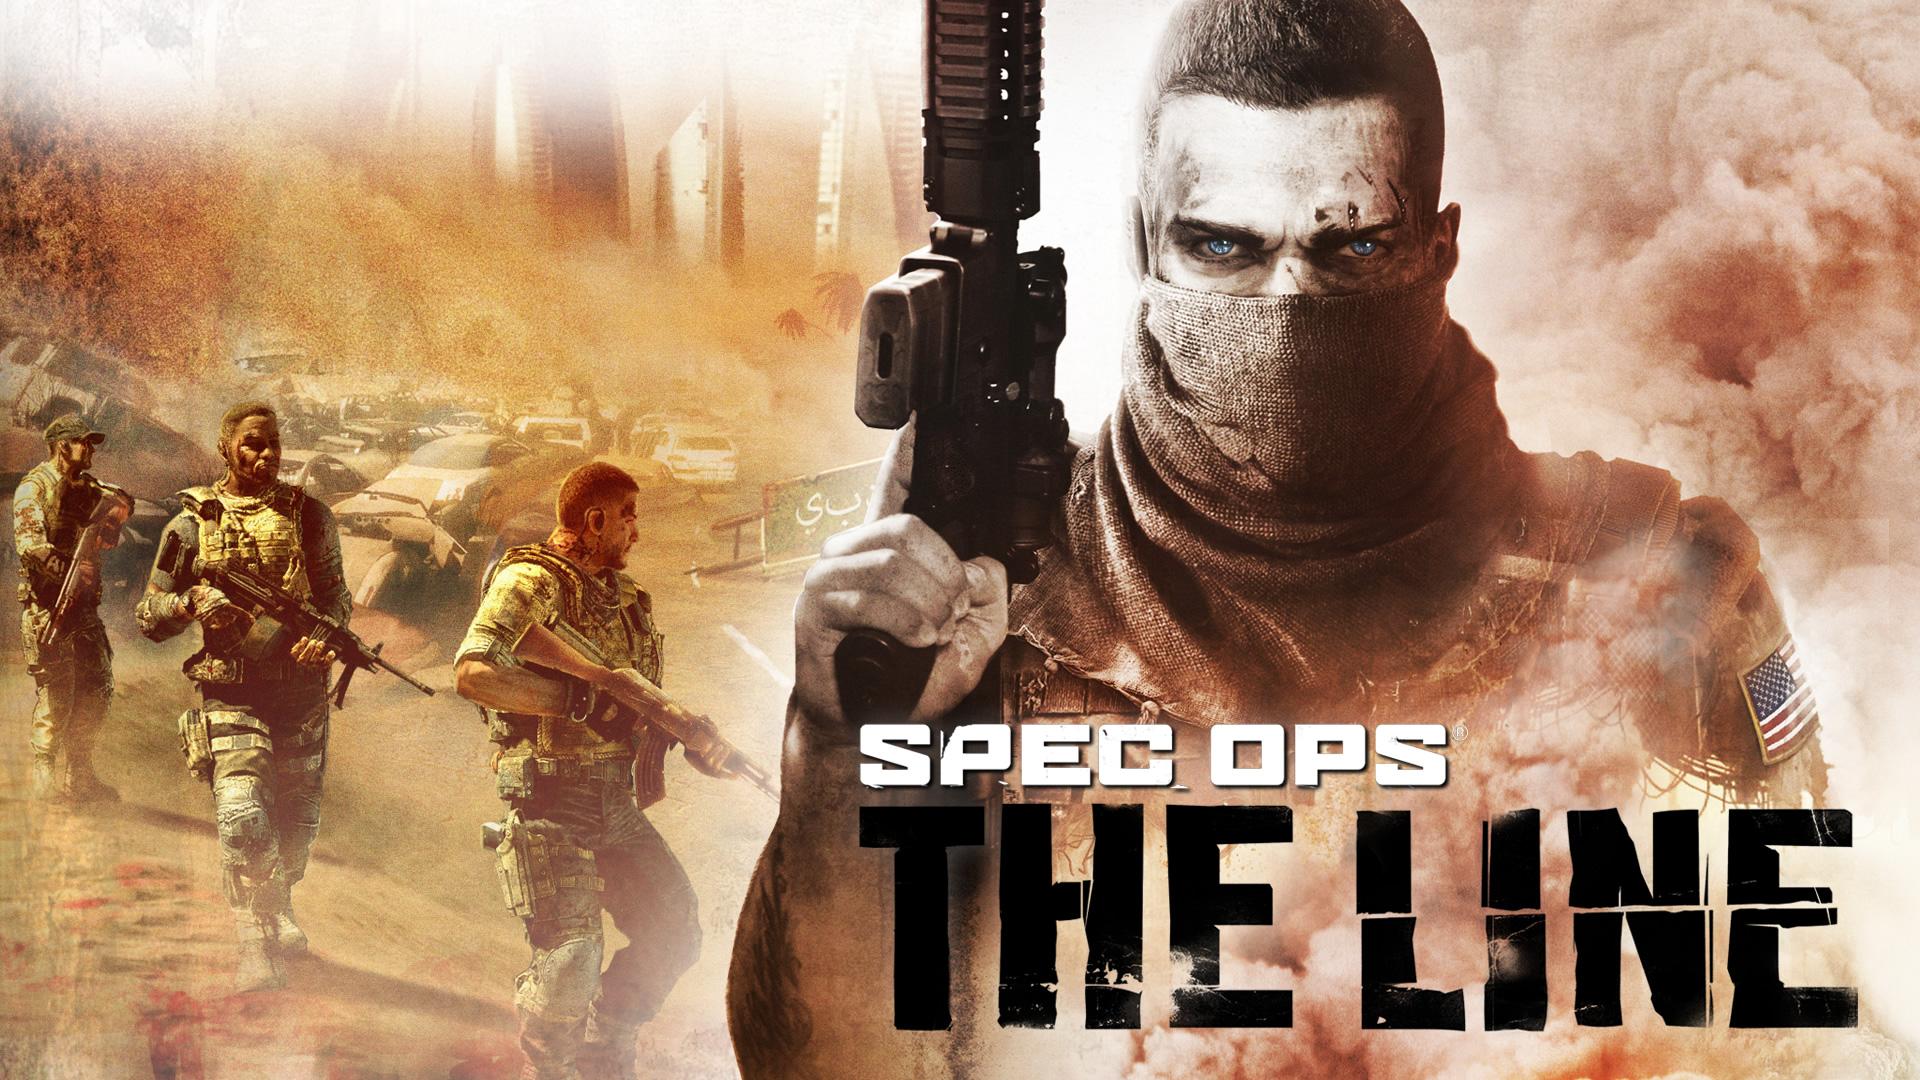 Spec ops: the line (2012) un sottile confine d'ombra